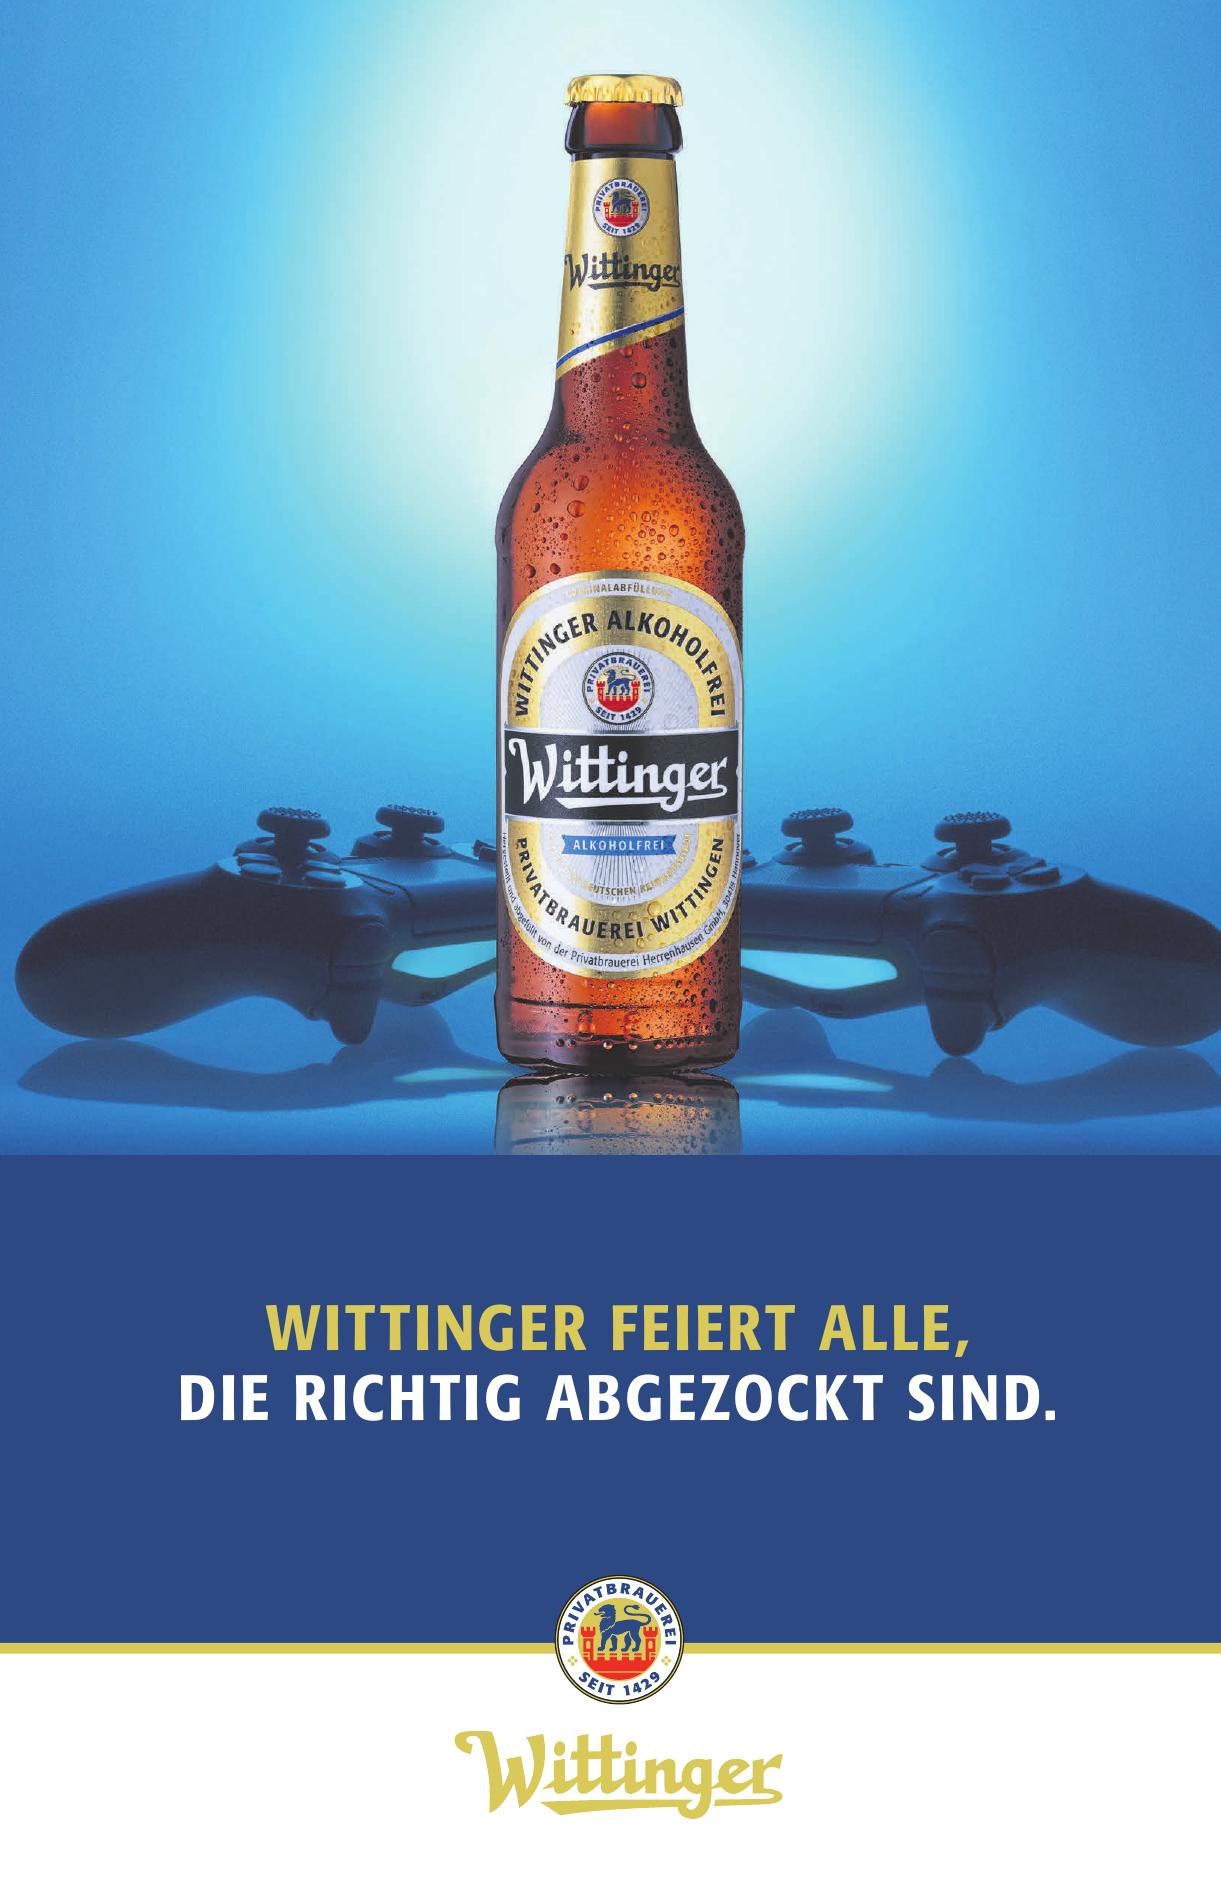 Wittinger